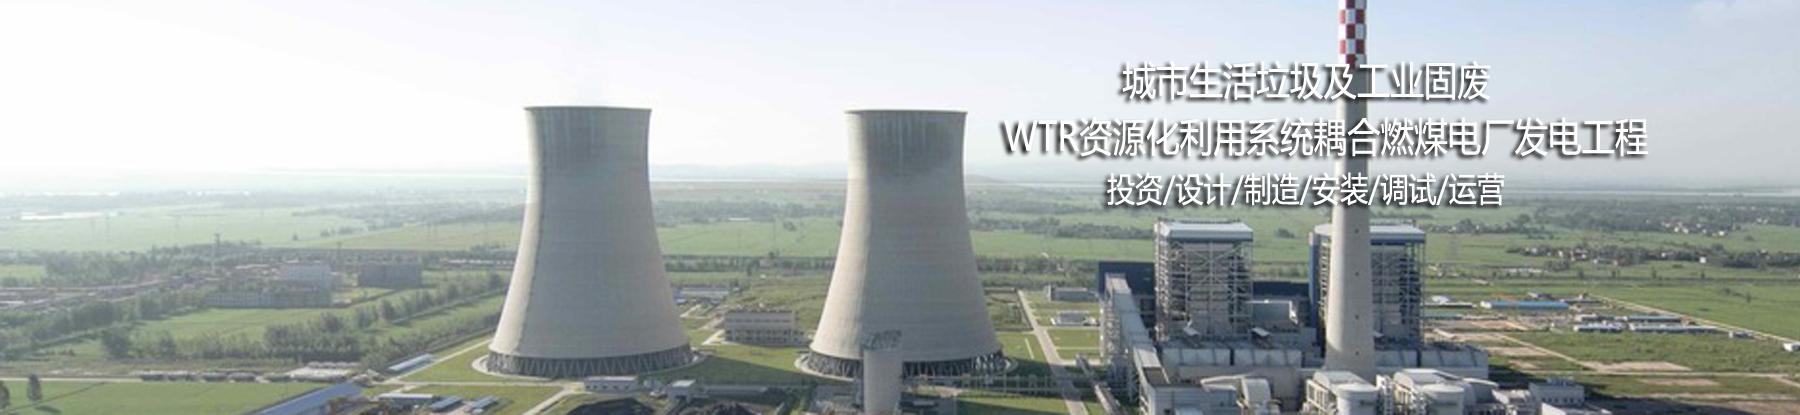 生活垃圾/工业固废WTR亚博体育官方app下载利用系统耦合掺烧燃煤电厂发电/